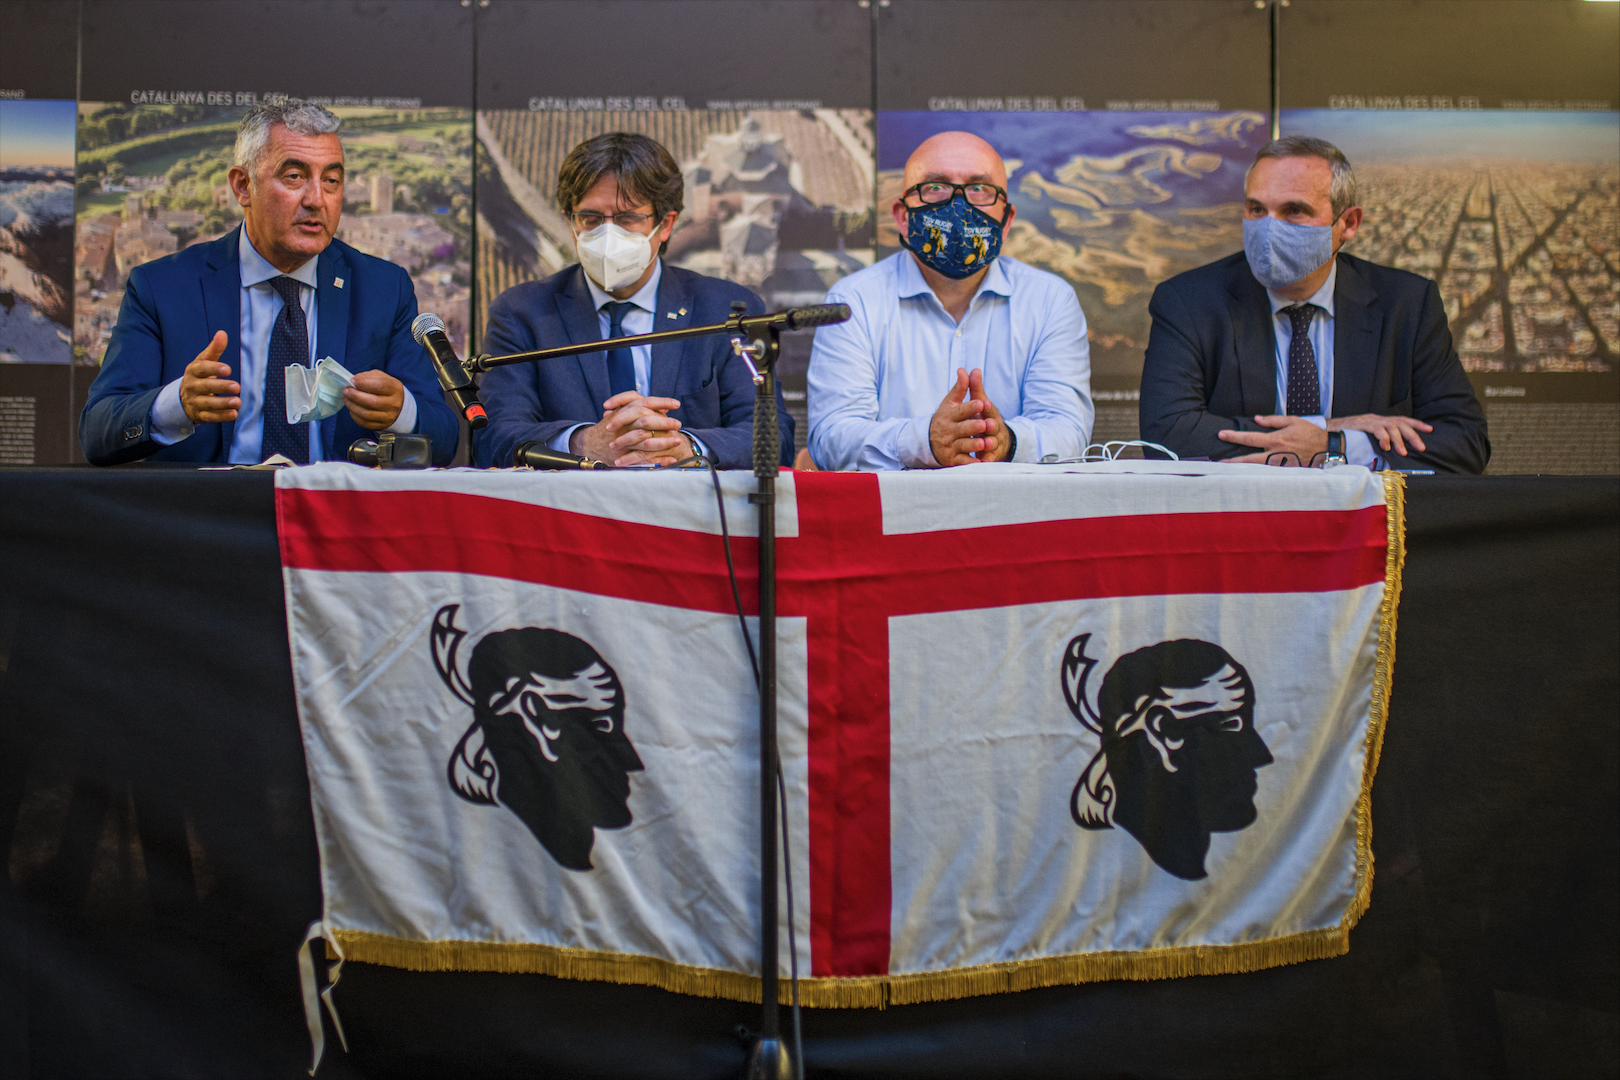 Roda de premsa d'aquest dissabte a l'Alguer   Europa Press